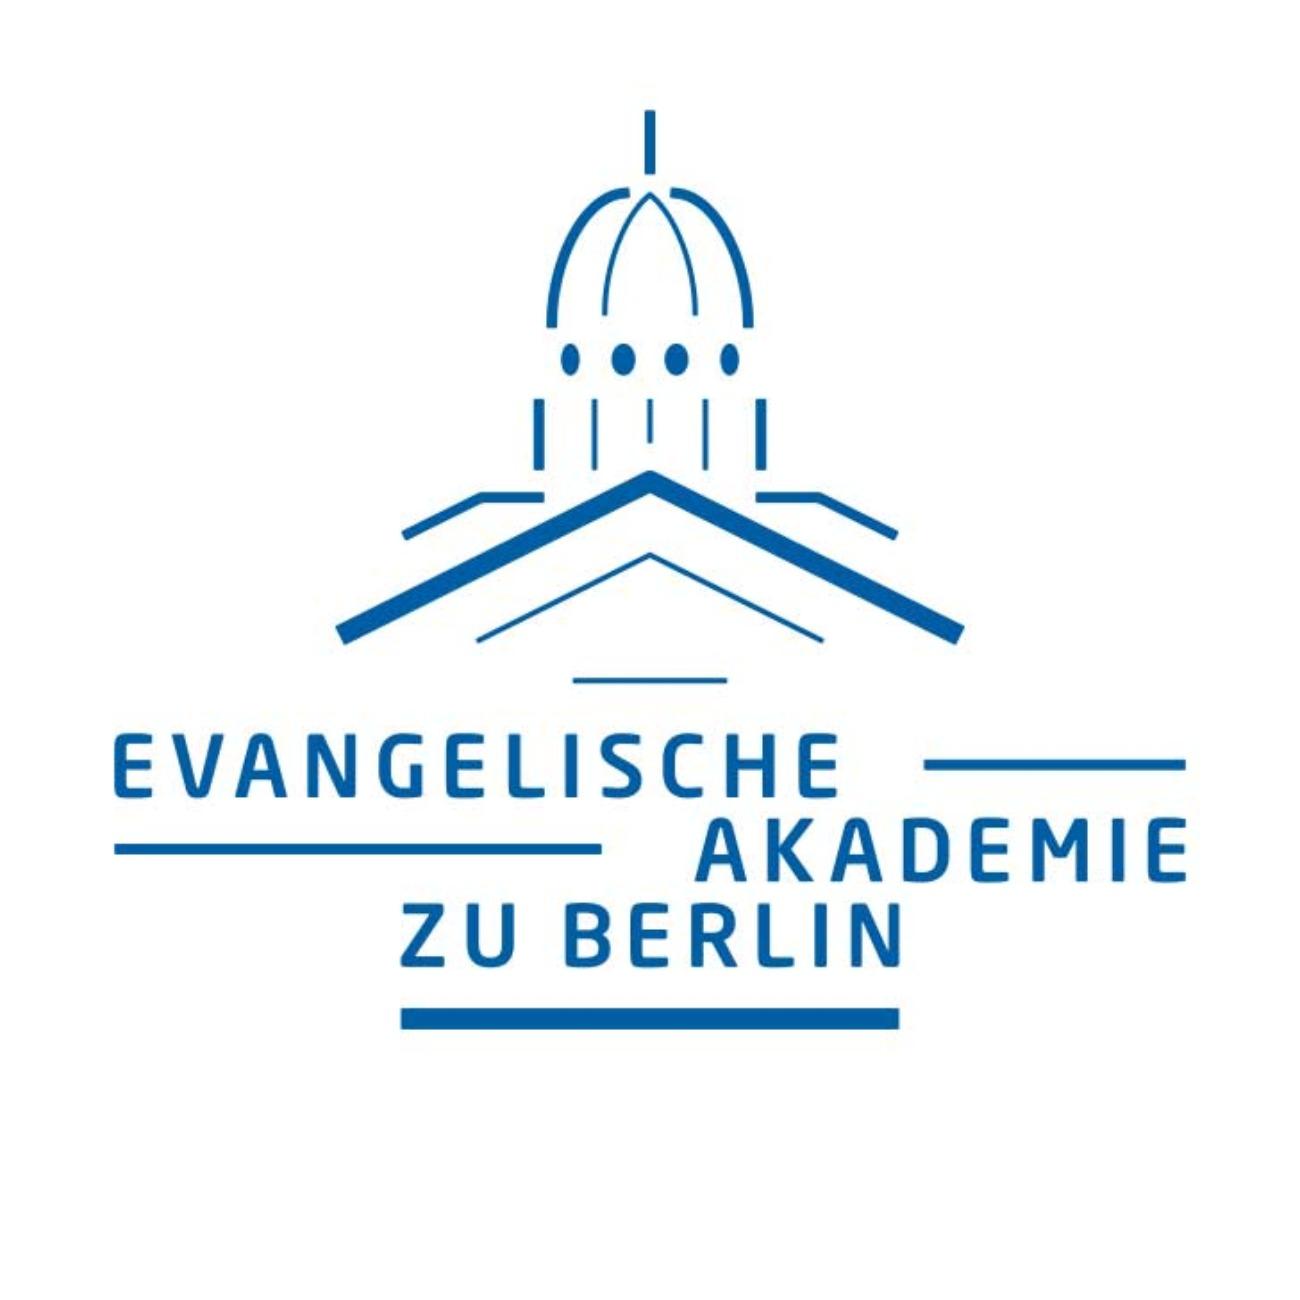 evangelische akademie zu berlin logo